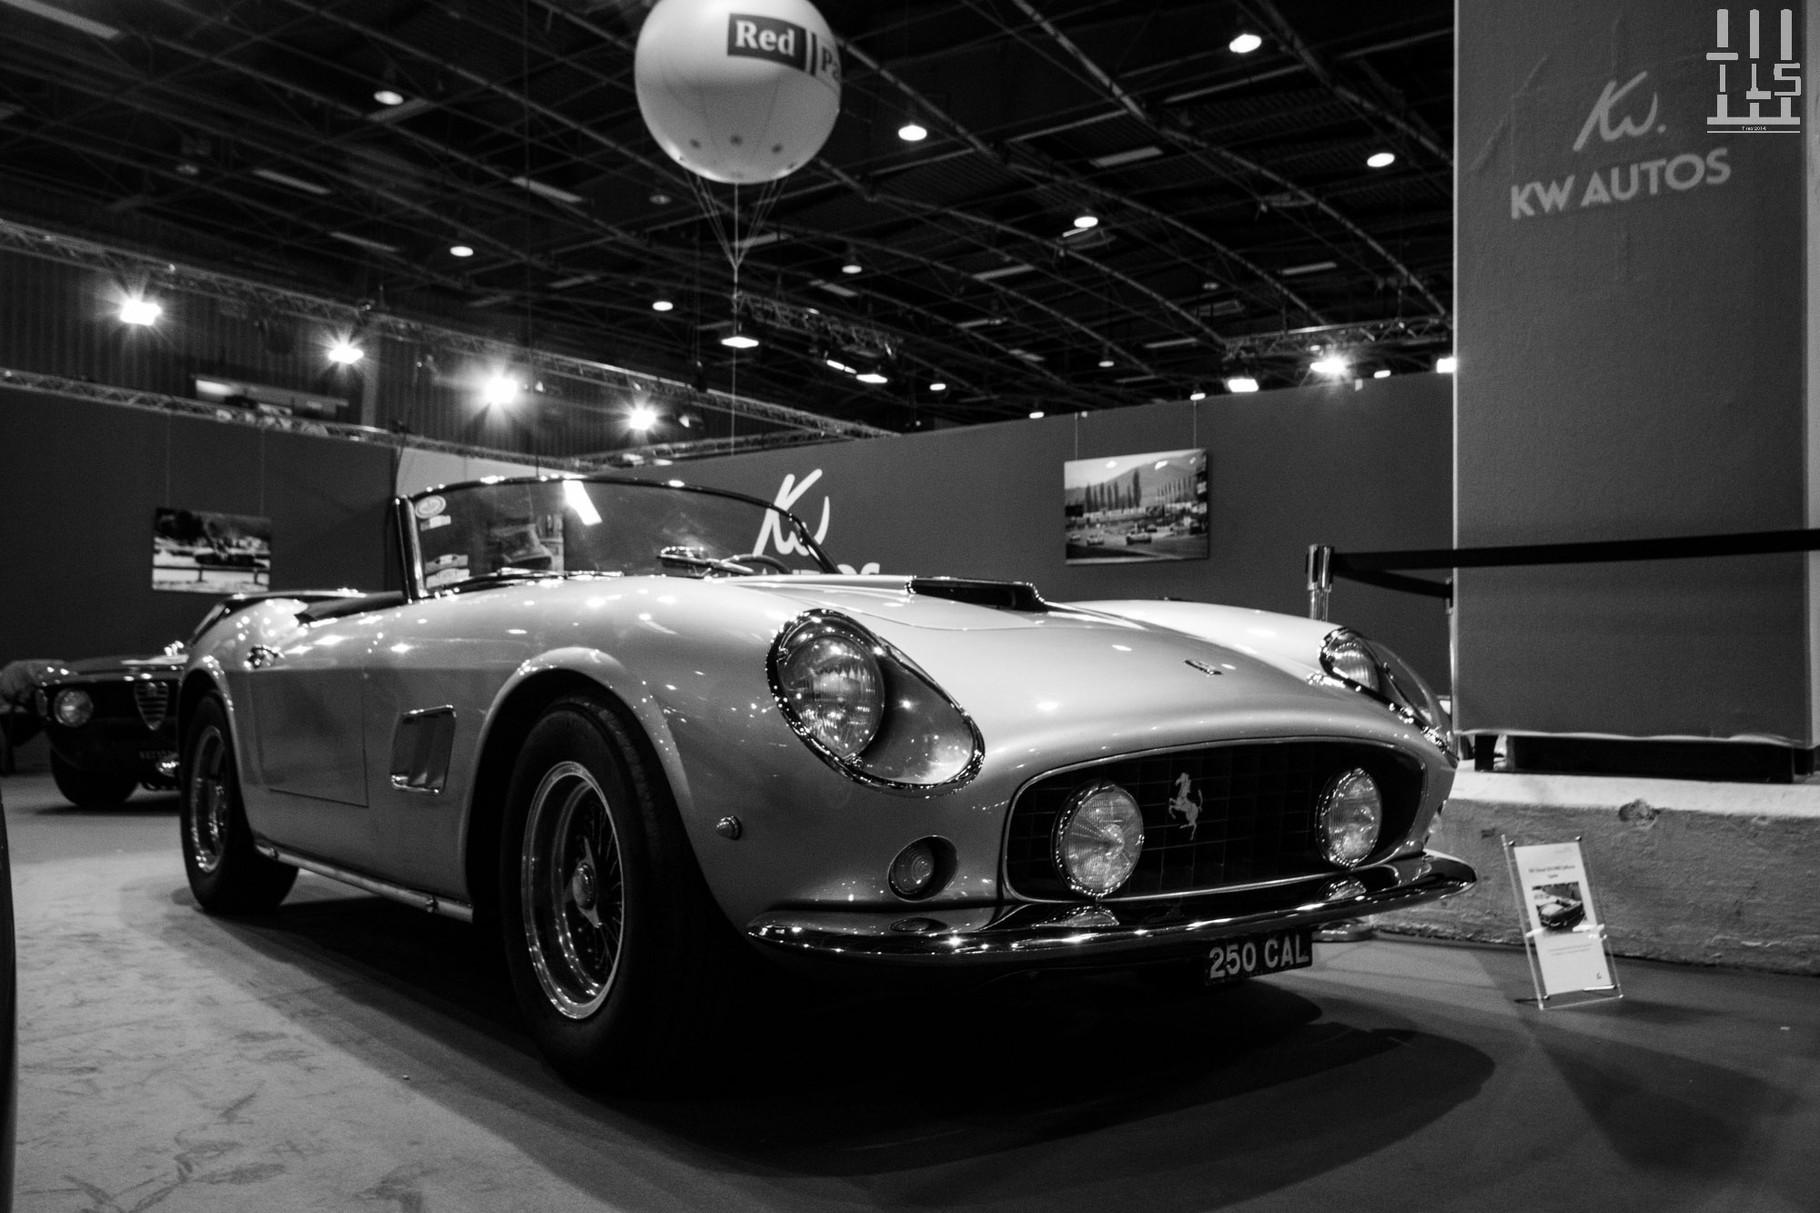 KW Autos, un nouveau venu à ma connaissance, propose à la vente cette Ferrari 250 GT California LWB, possédant par ailleurs la plaque d'immatriculation adéquate.